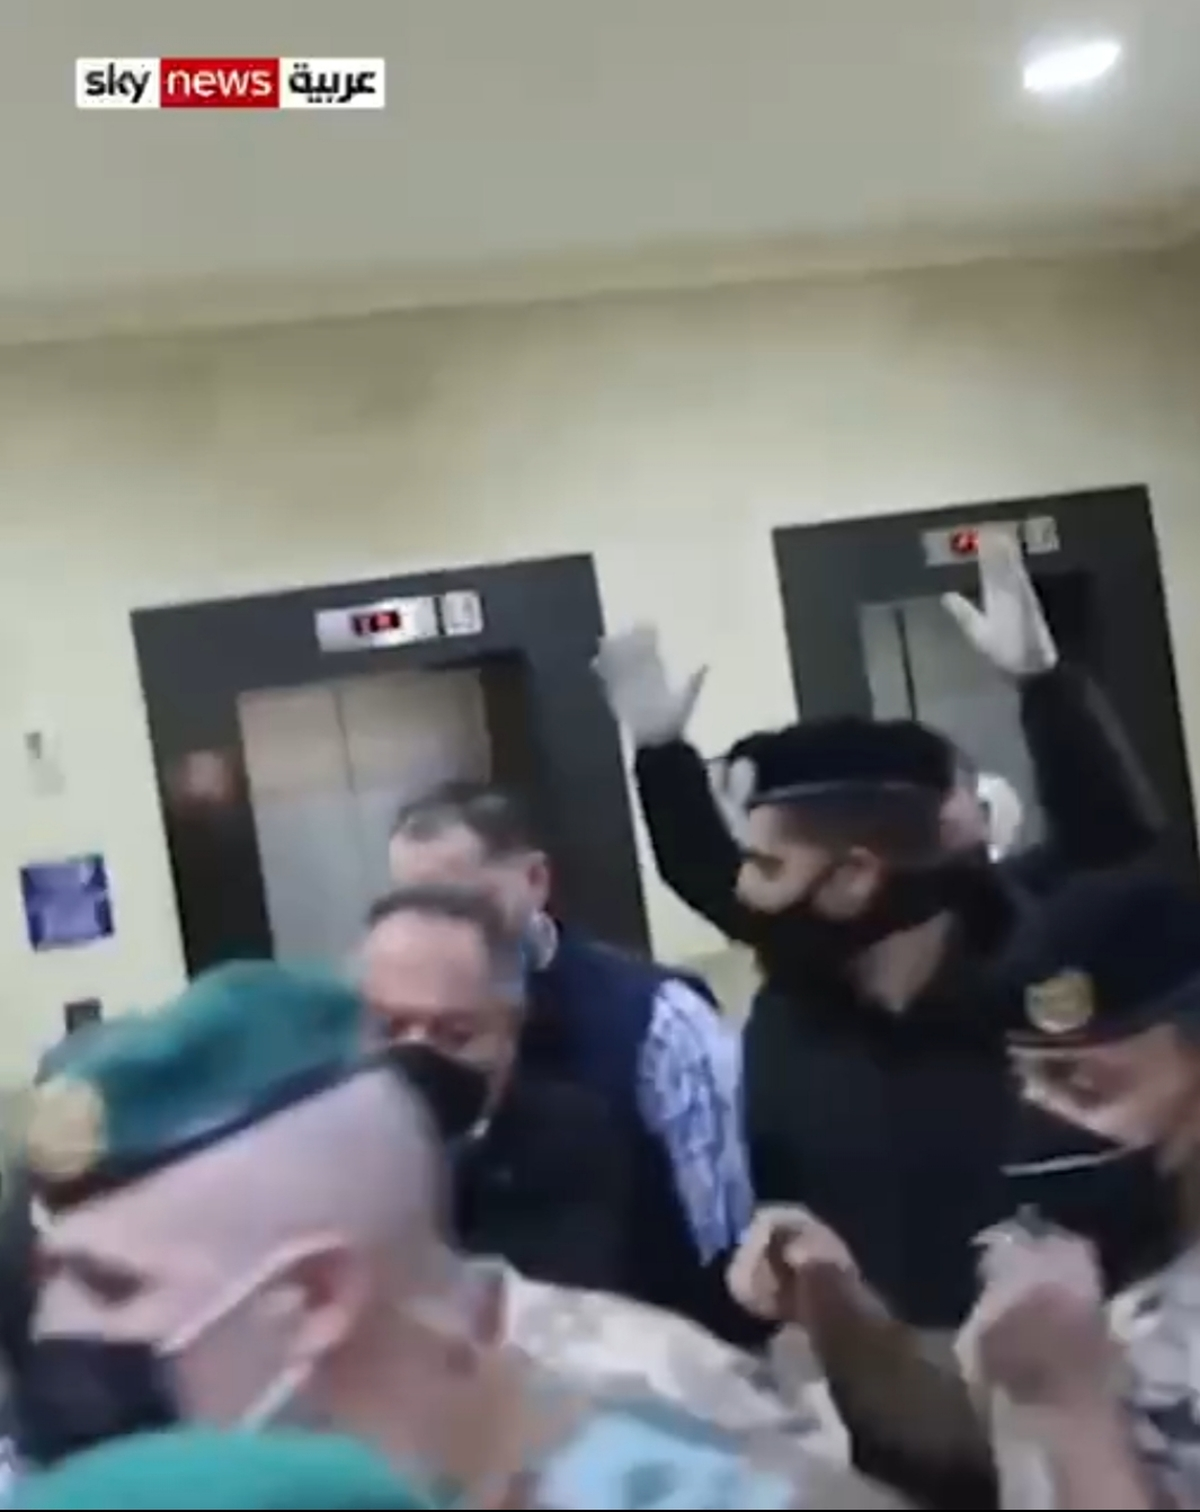 جنجال در اردن بعد از قطع اکسیژن بیماران کرونایی + ویدئو